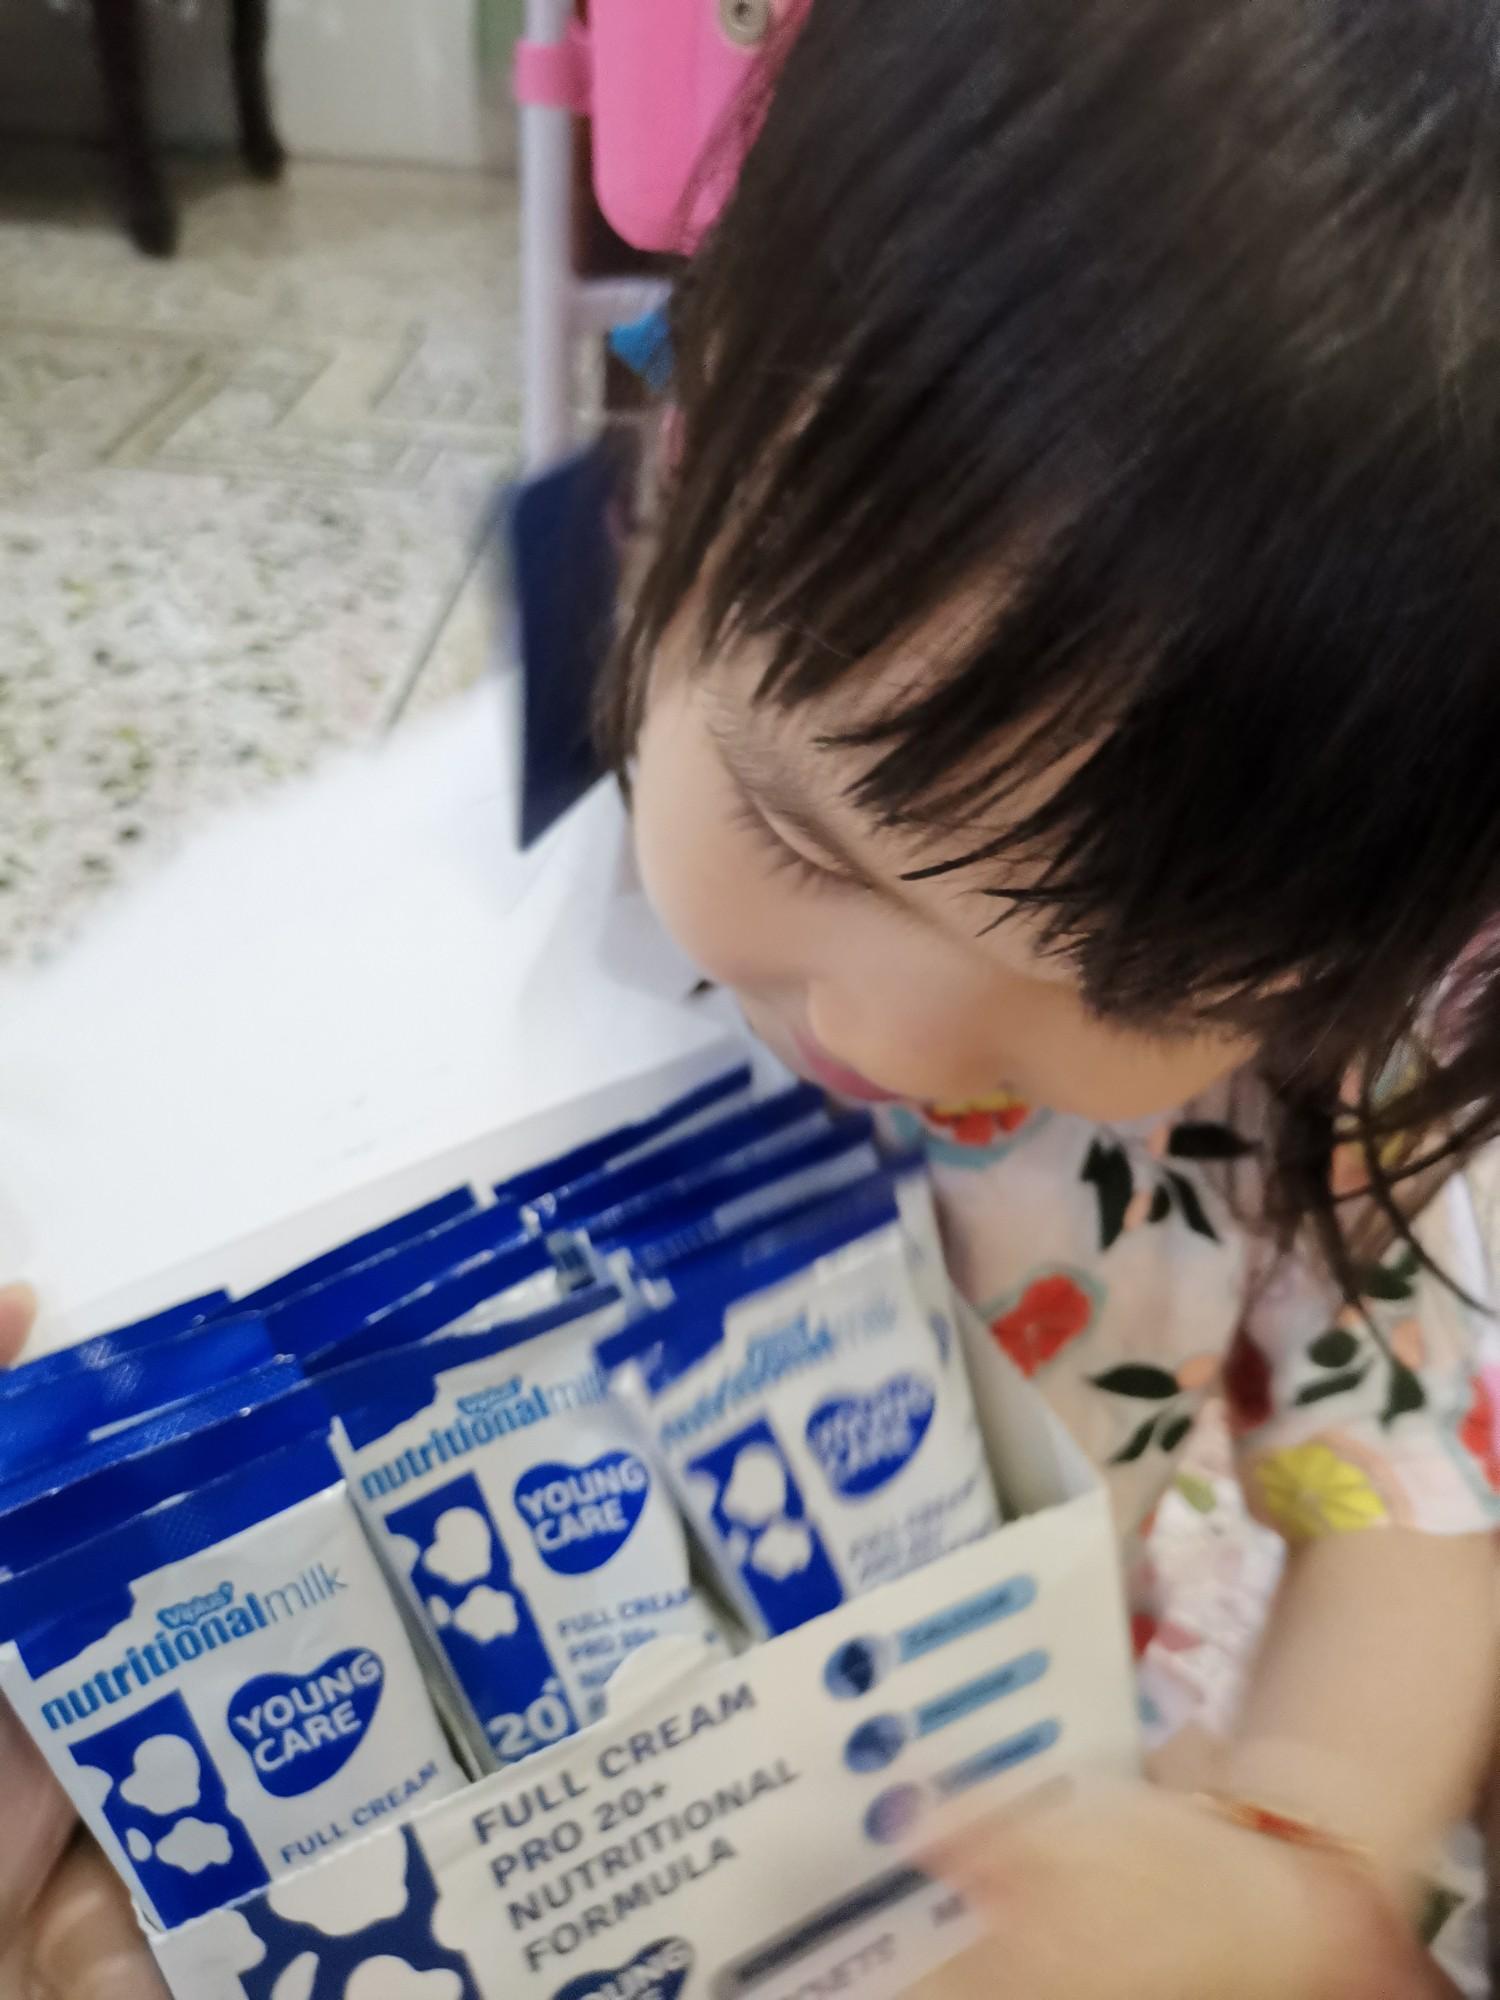 viplus奶粉怎么样?值得买吗?口碑好吗?有没有人买过?